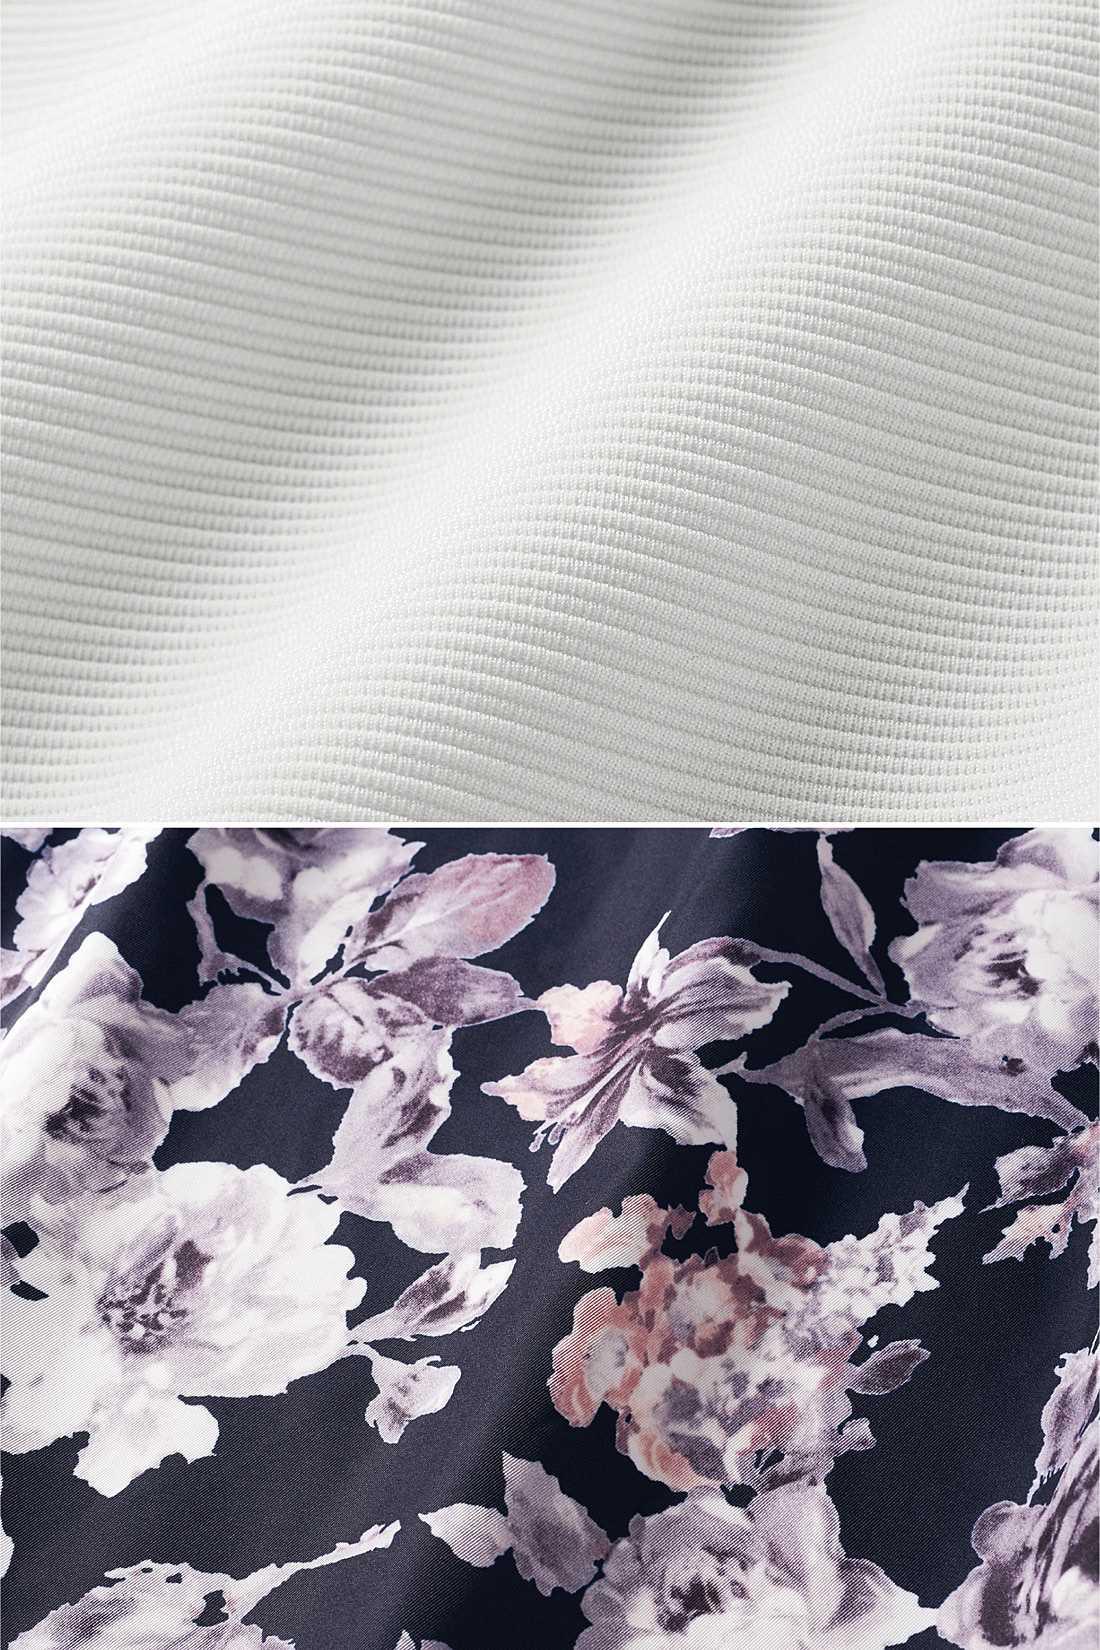 トップスは横うねが着映え感のあるリップルカットソー素材、スカートは上質感のあるツイル素材で艶っぽく。